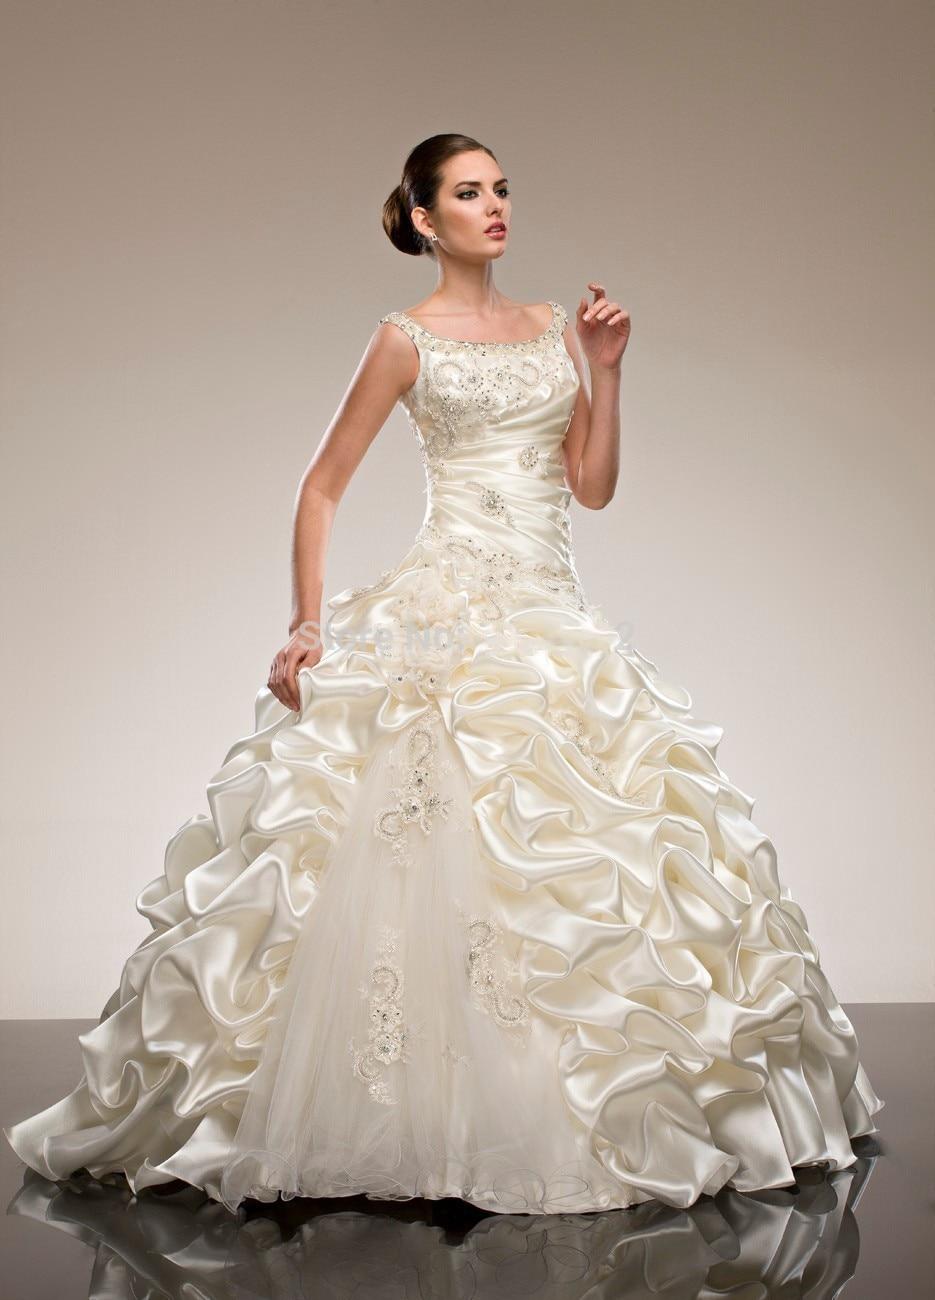 Ungewöhnlich Western Stil Brautkleider Auf Einem Etat Ideen ...